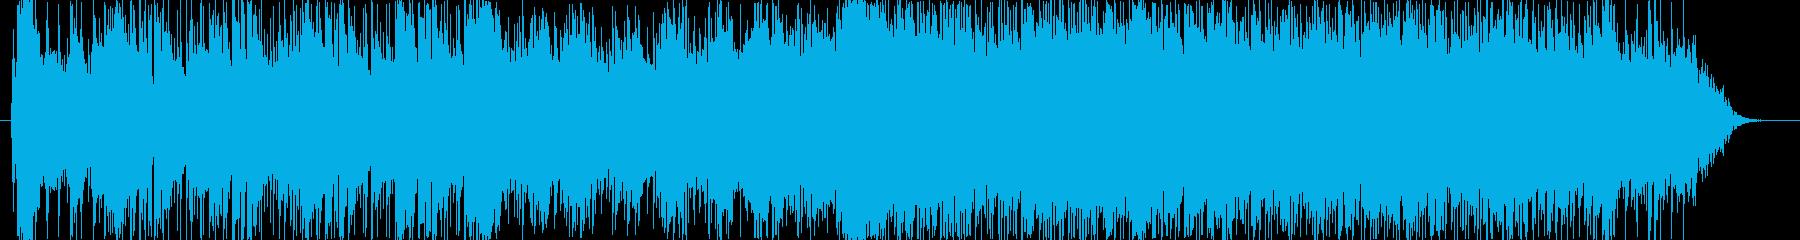 オーケストラとロックを融合させた、孤独…の再生済みの波形